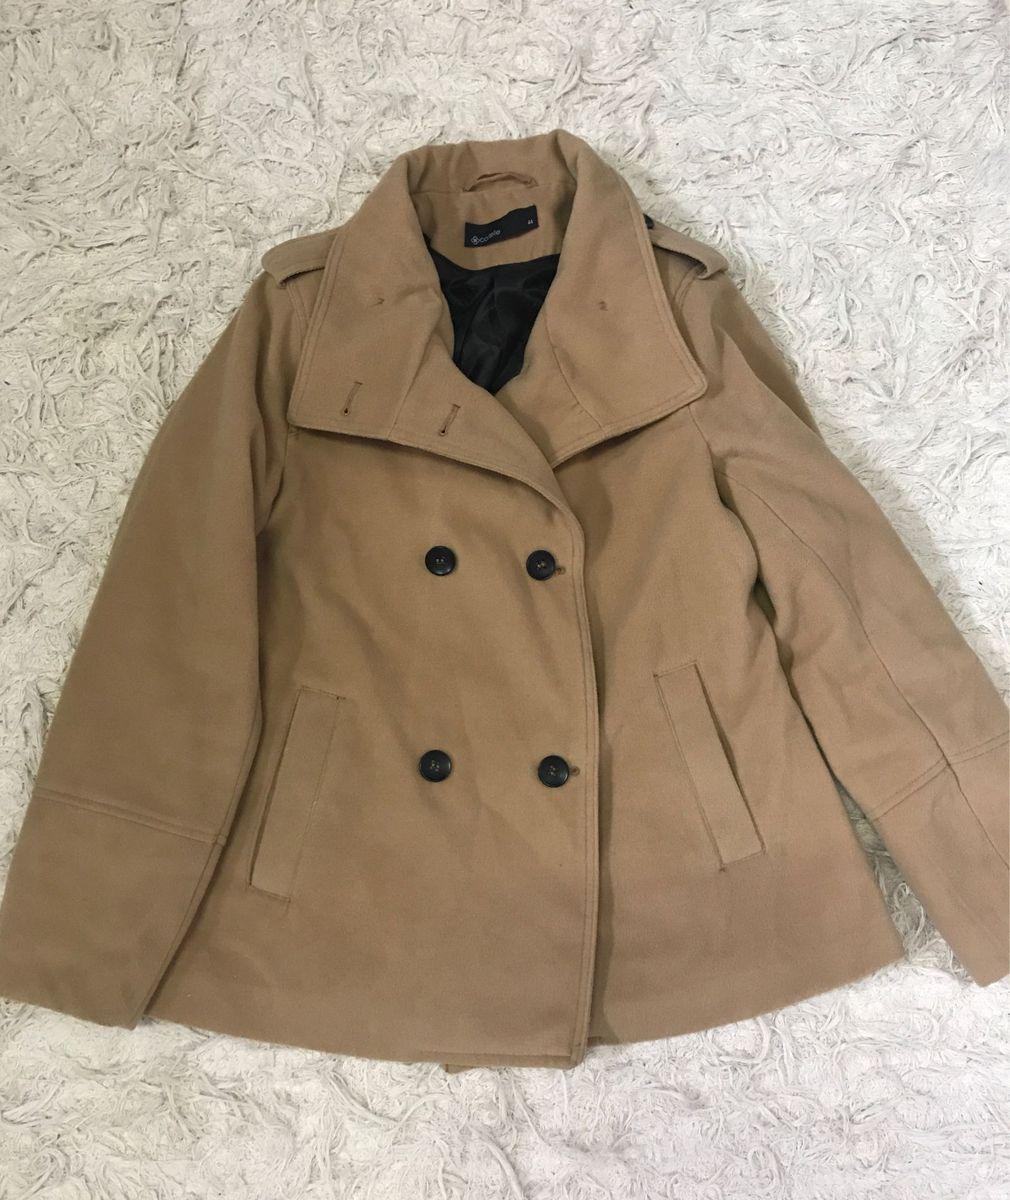 350c692cd2 casaco quentinho mostarda - casaquinhos cortelle renner